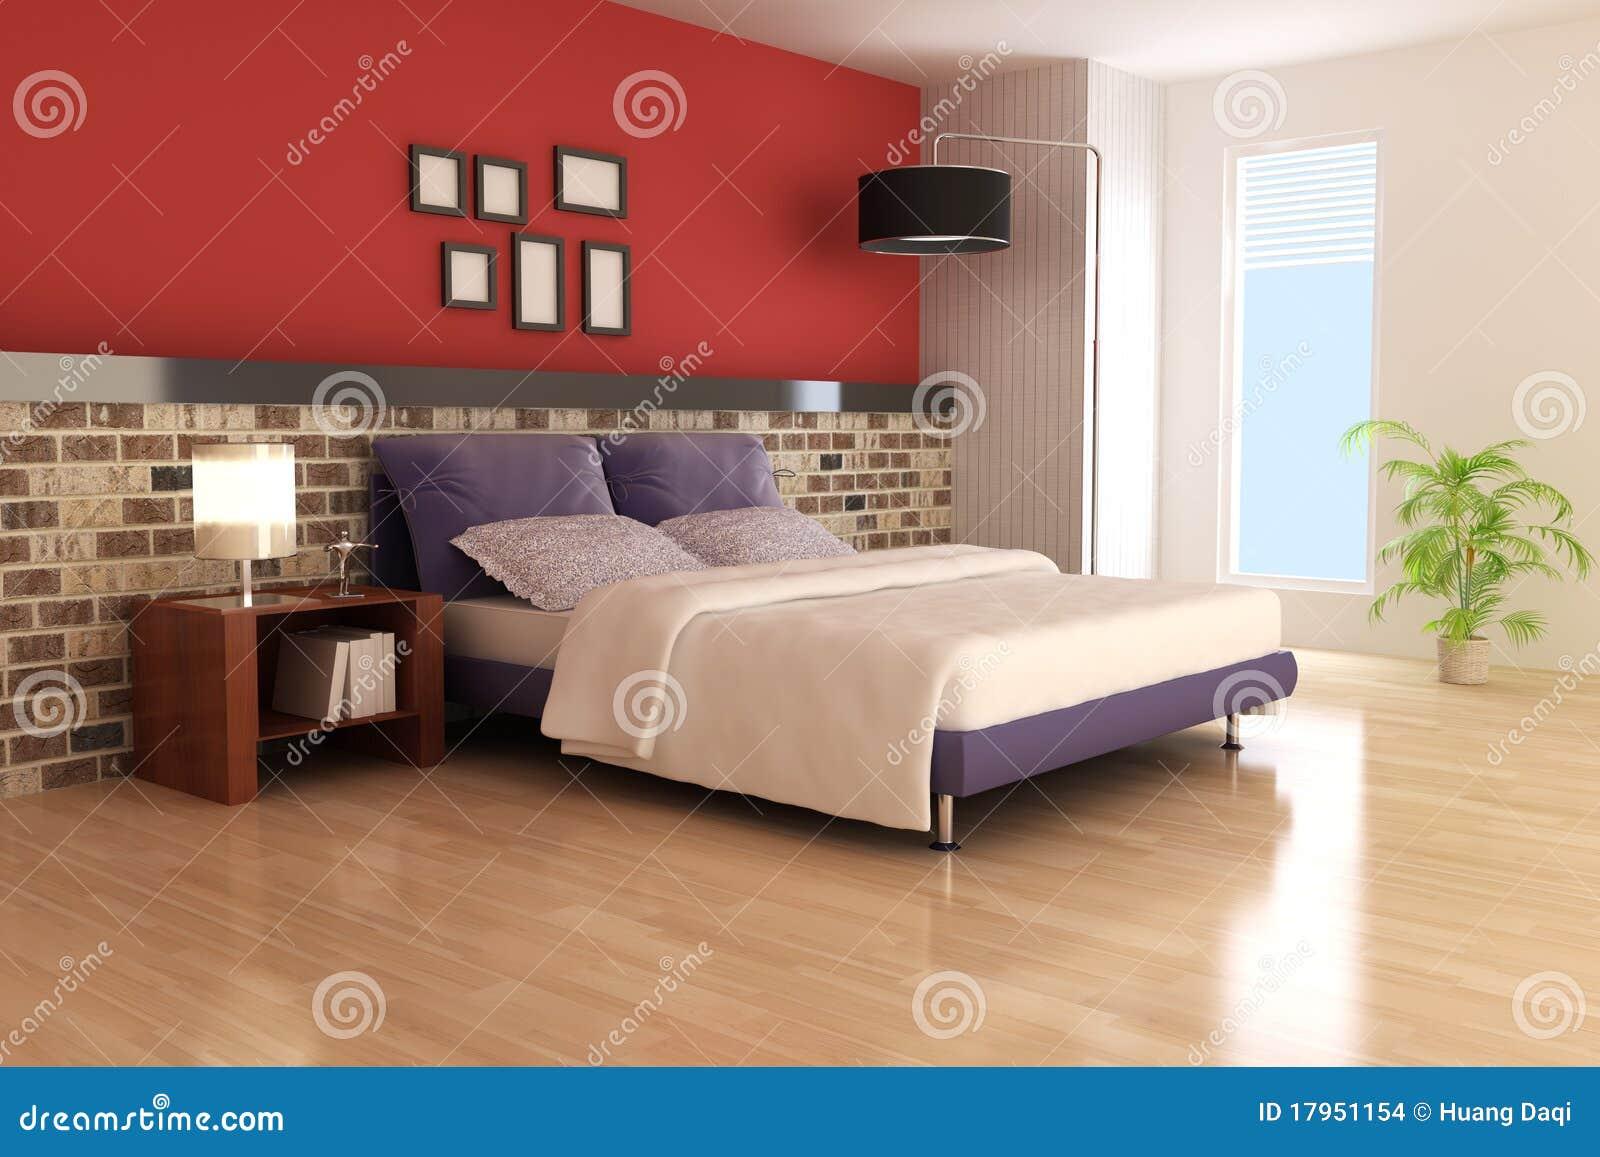 Moderne slaapkamer stock afbeeldingen beeld 17951154 - Eigentijdse stijl slaapkamer ...